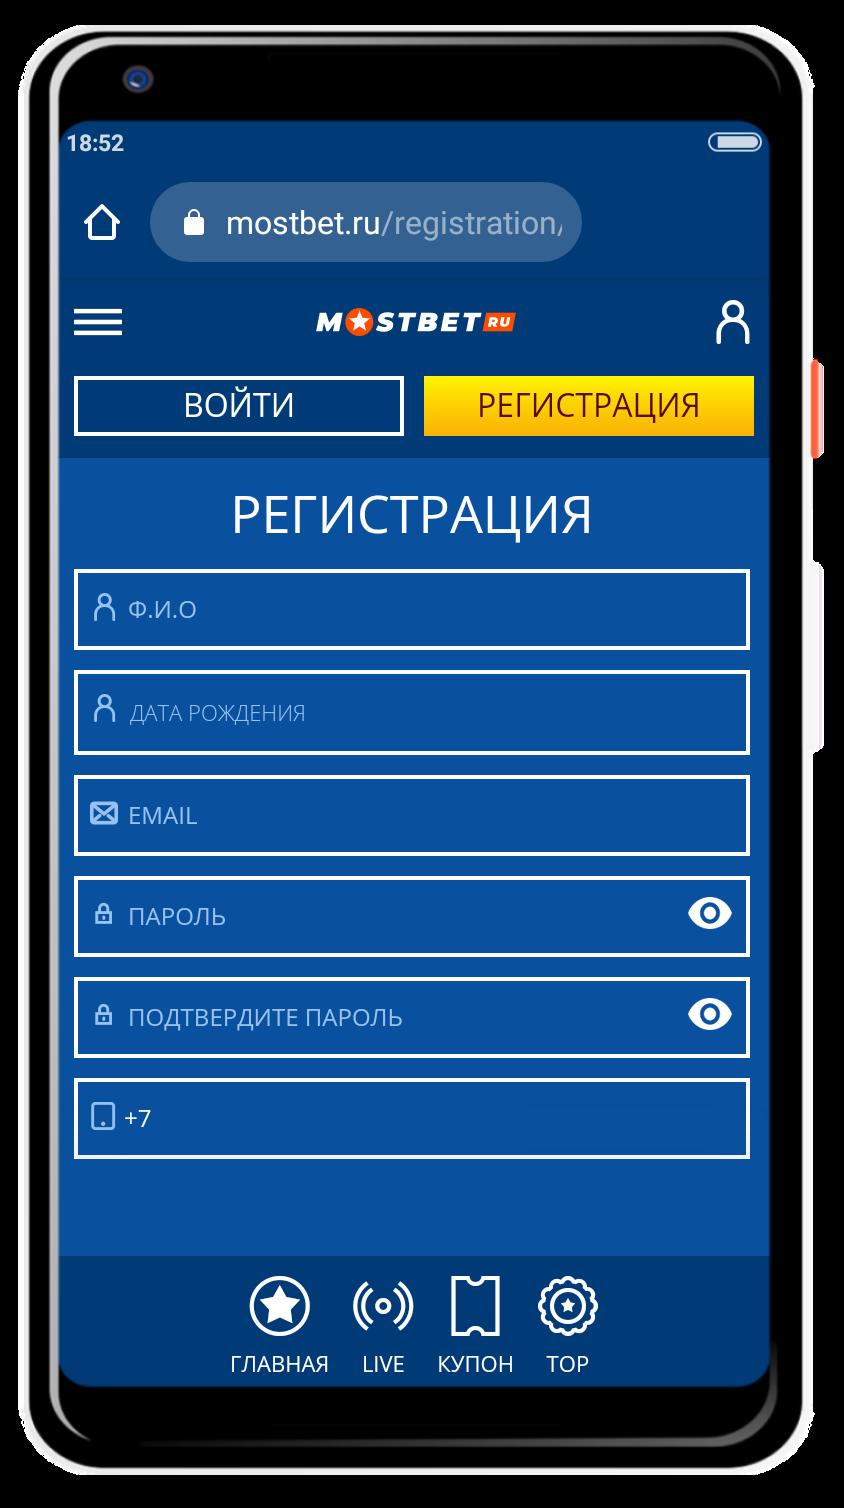 Регистрация с телефона мостбет